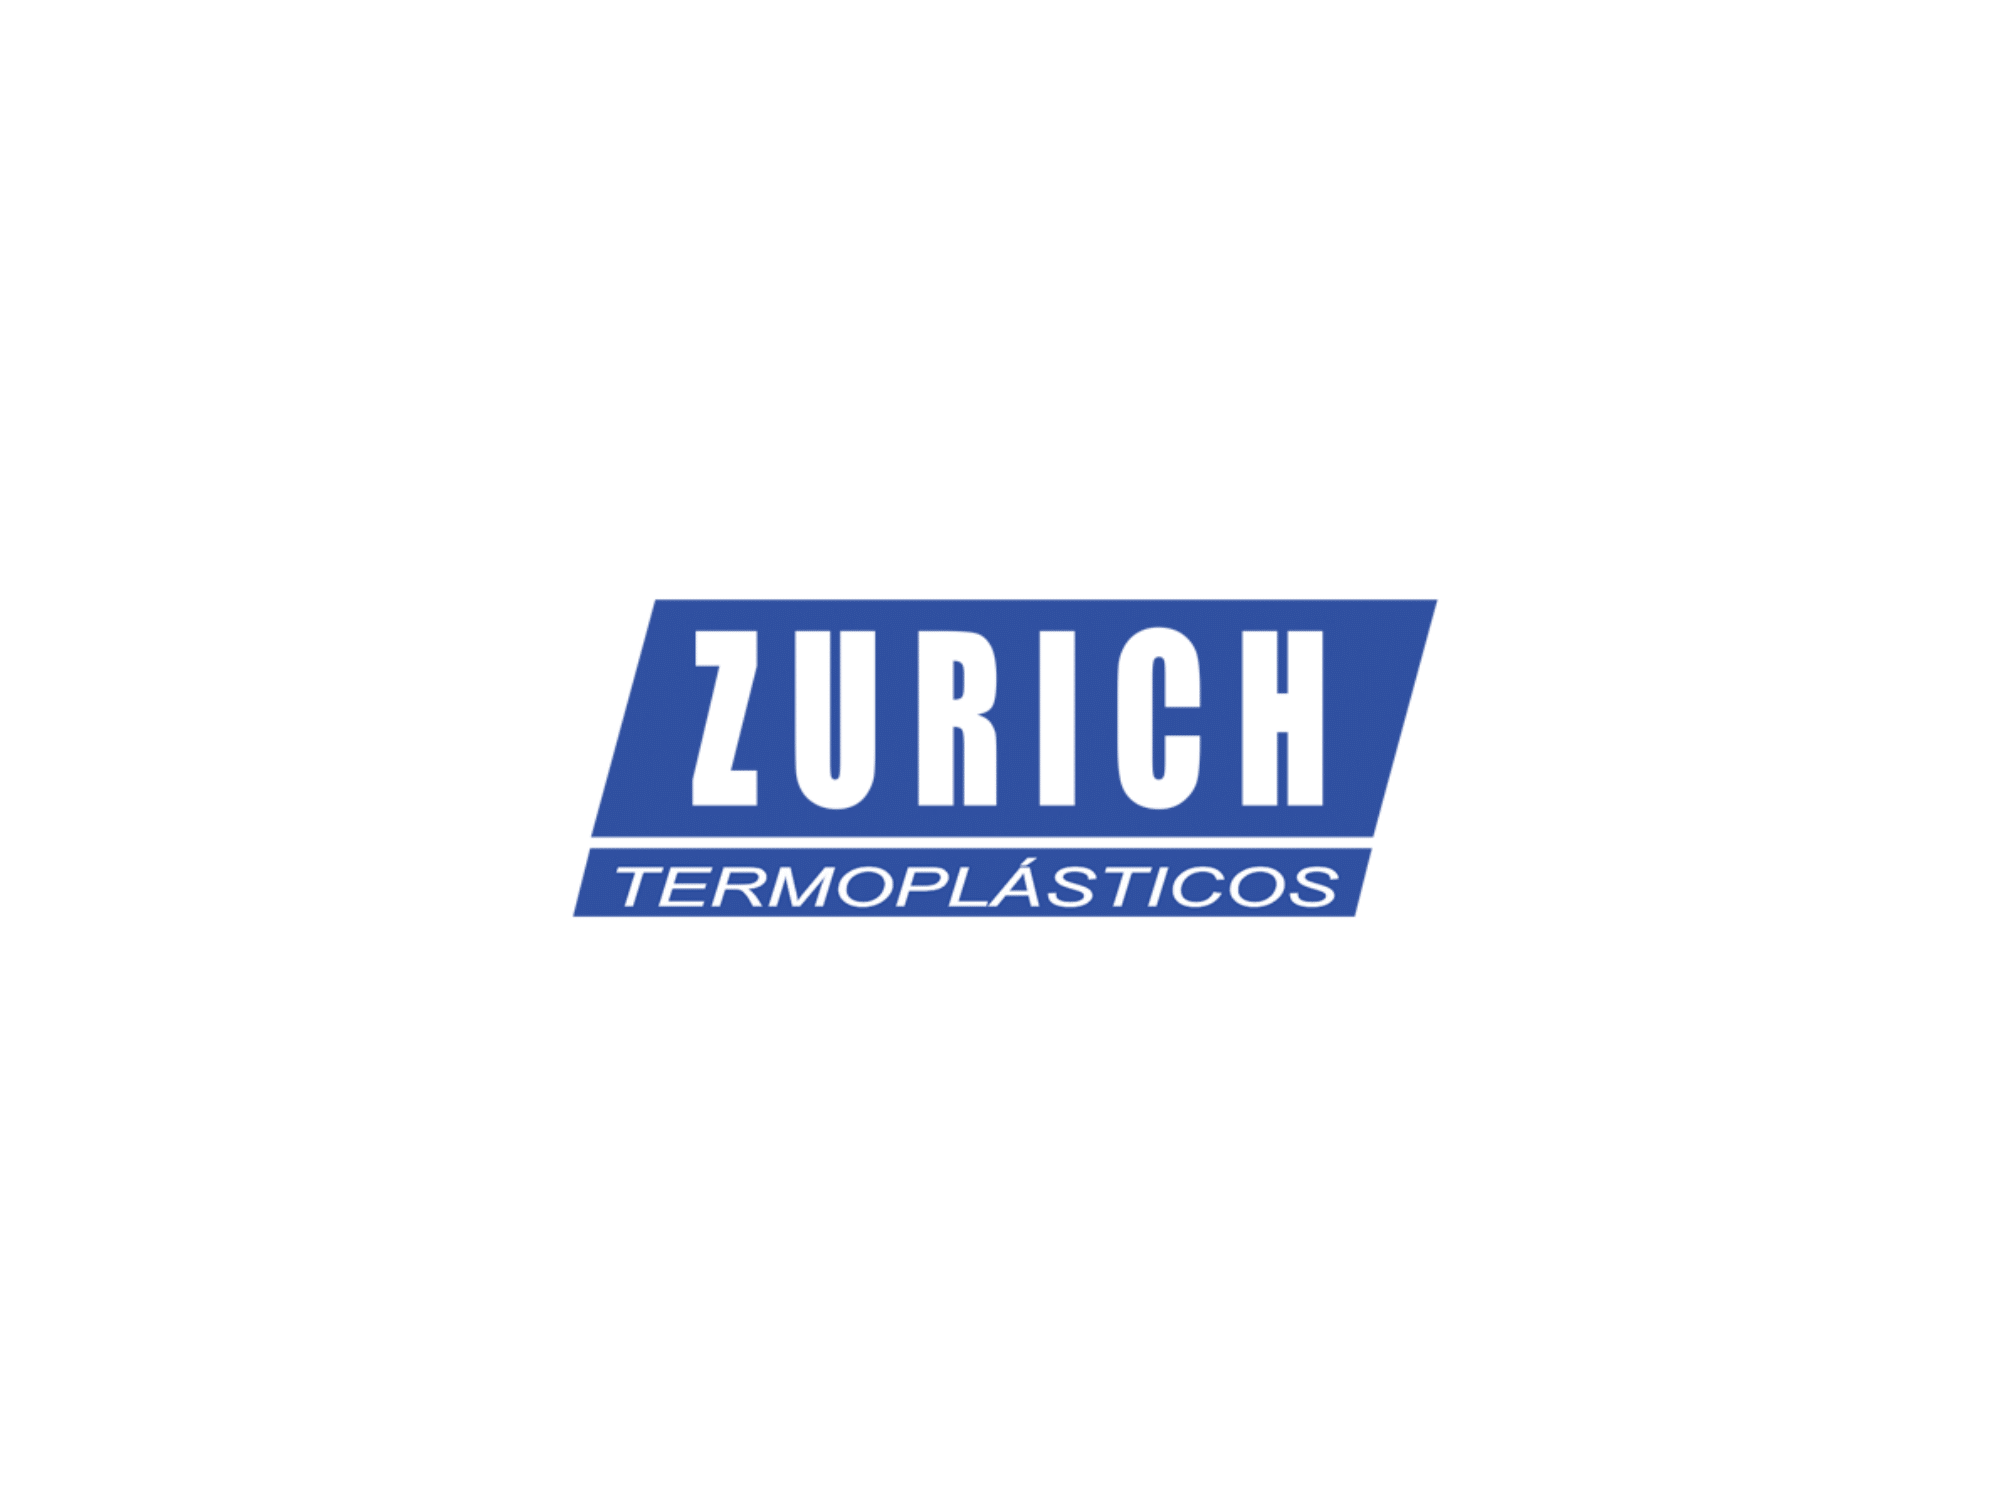 Zurich_Termoplásticos